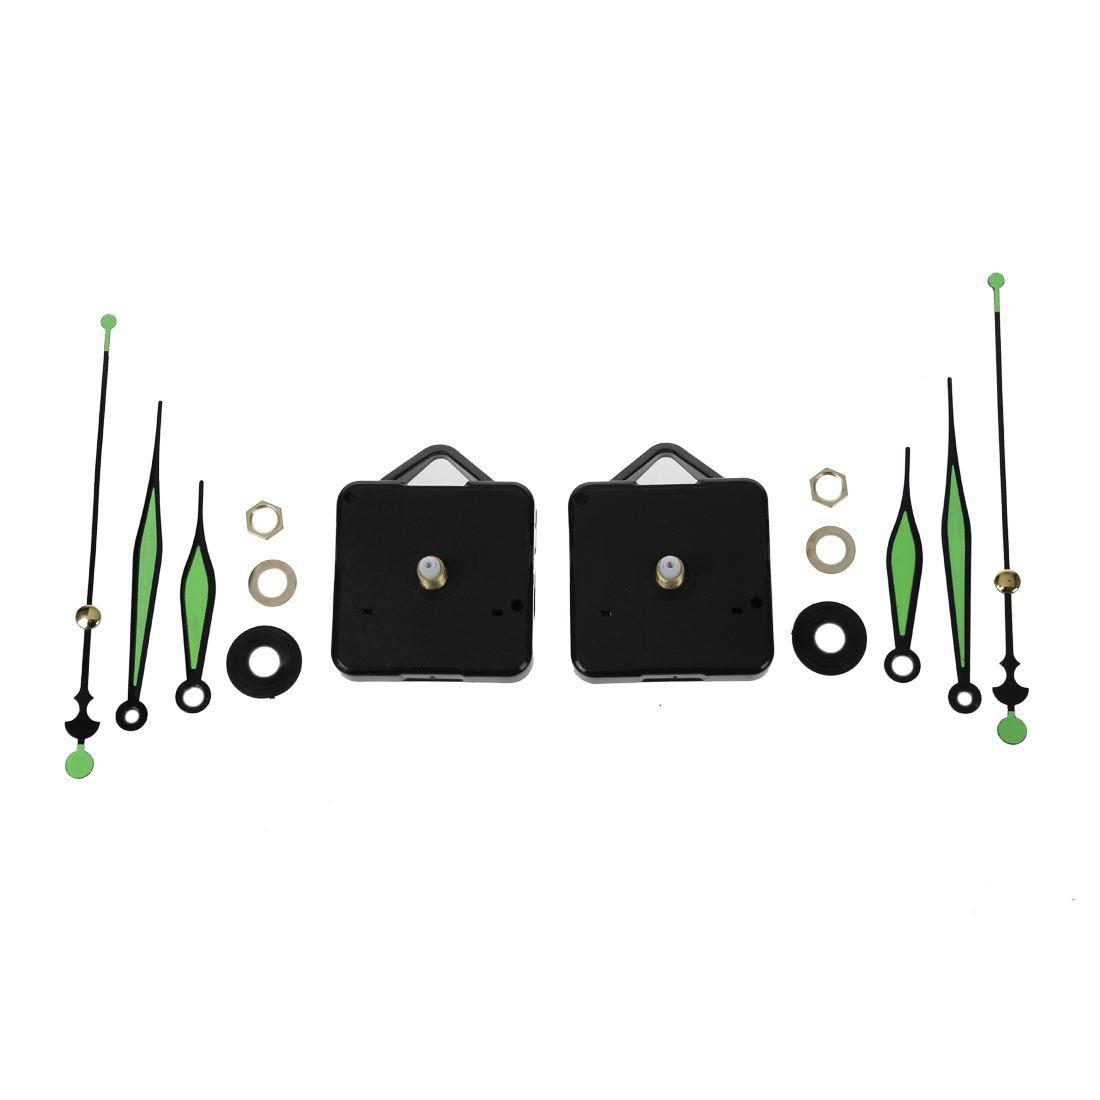 2 Stücke Leucht Hände Diy Quarz Uhr Spindel Bewegung Mechanismus Reparatur Tool Kit Duftendes (In) Aroma